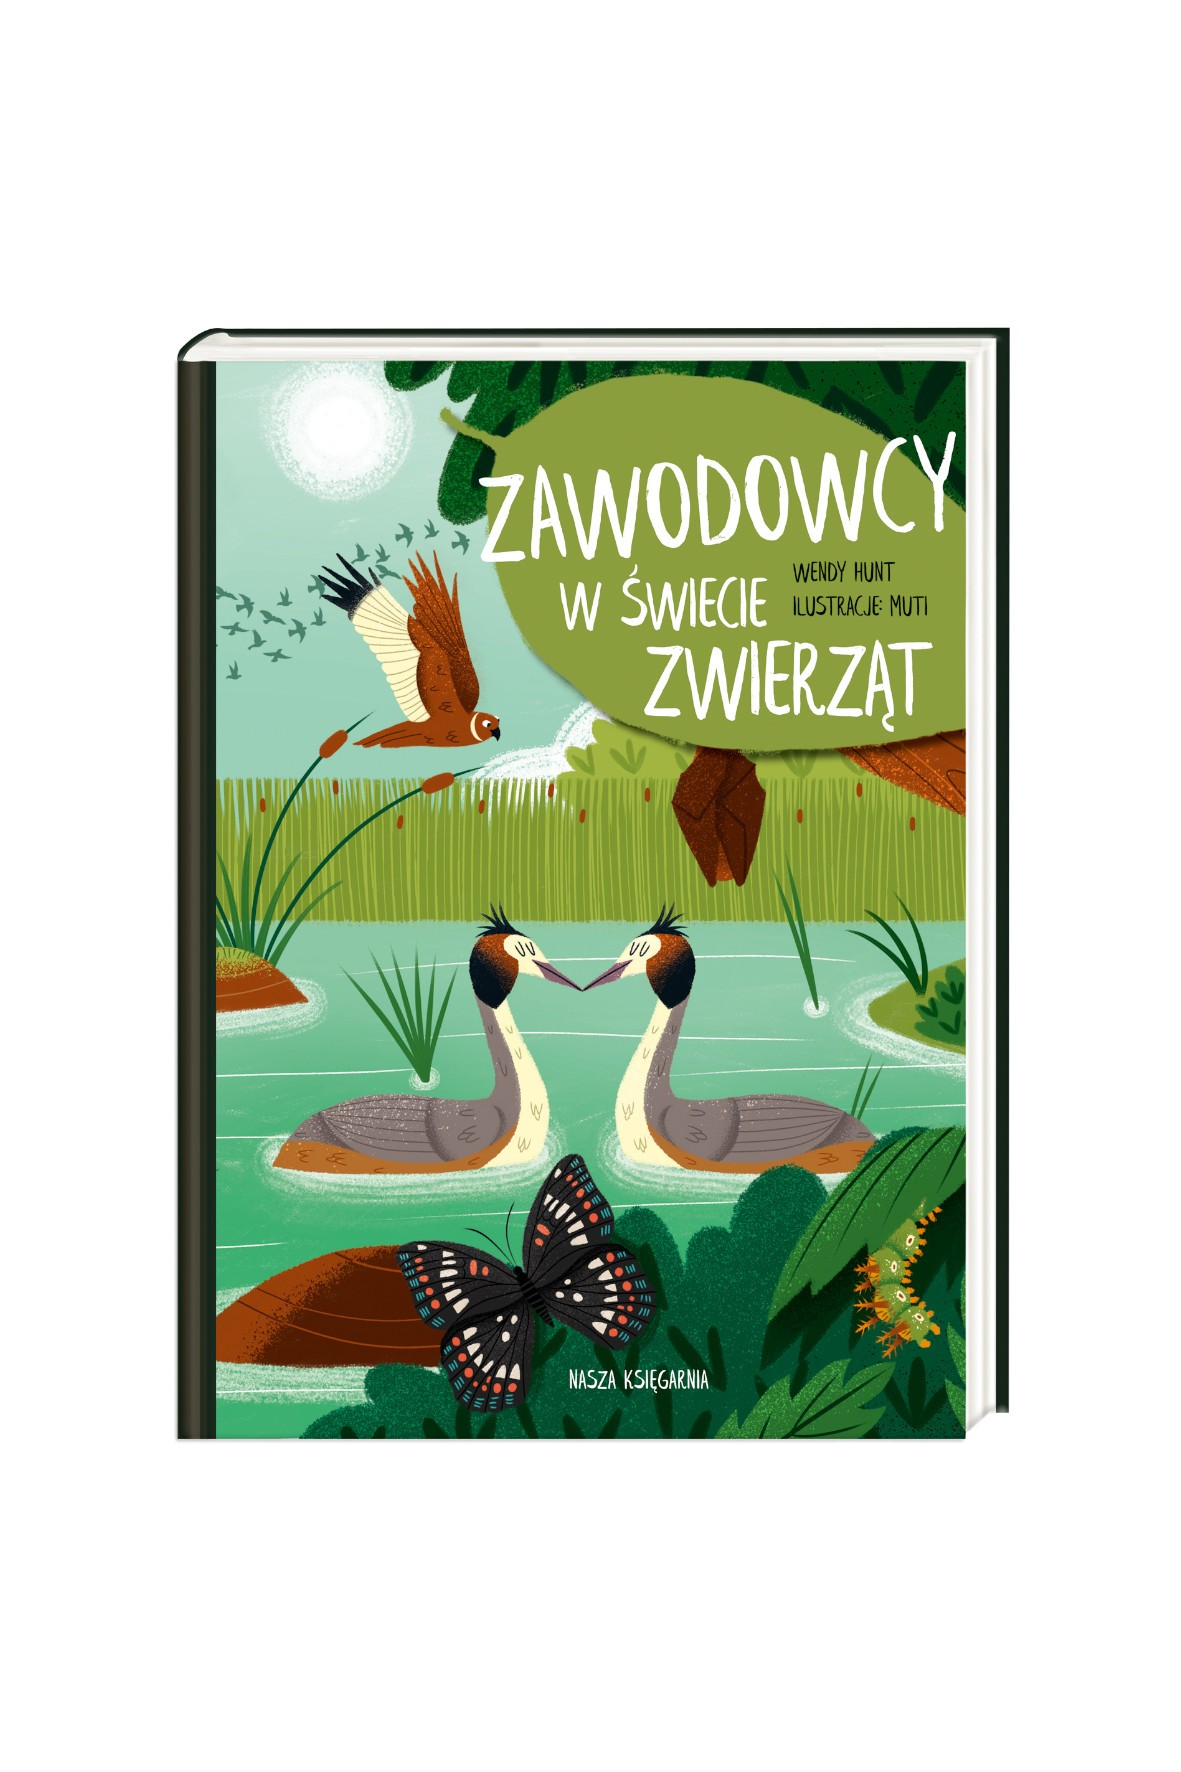 Zawodowcy w świecie zwierząt-książka dla dzieci